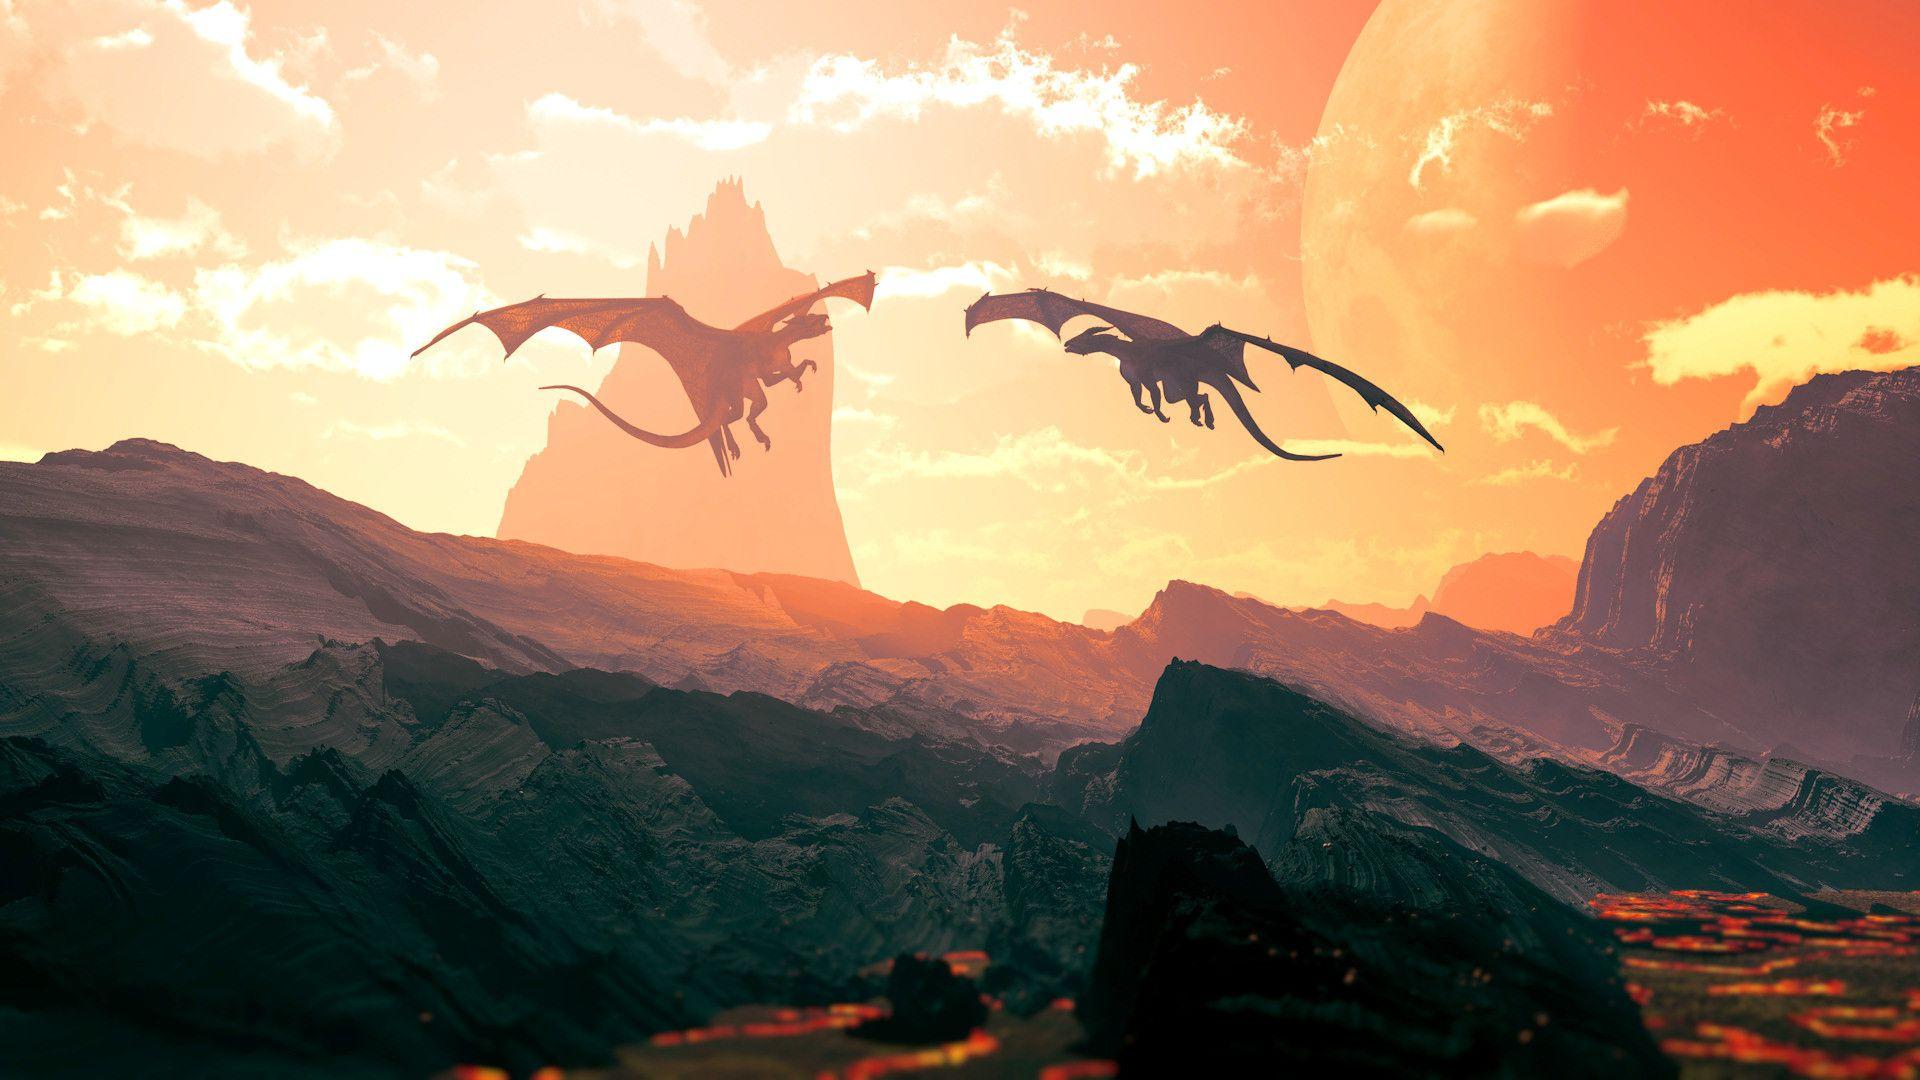 драконы в картинках обои рабочего стола вами фотограф